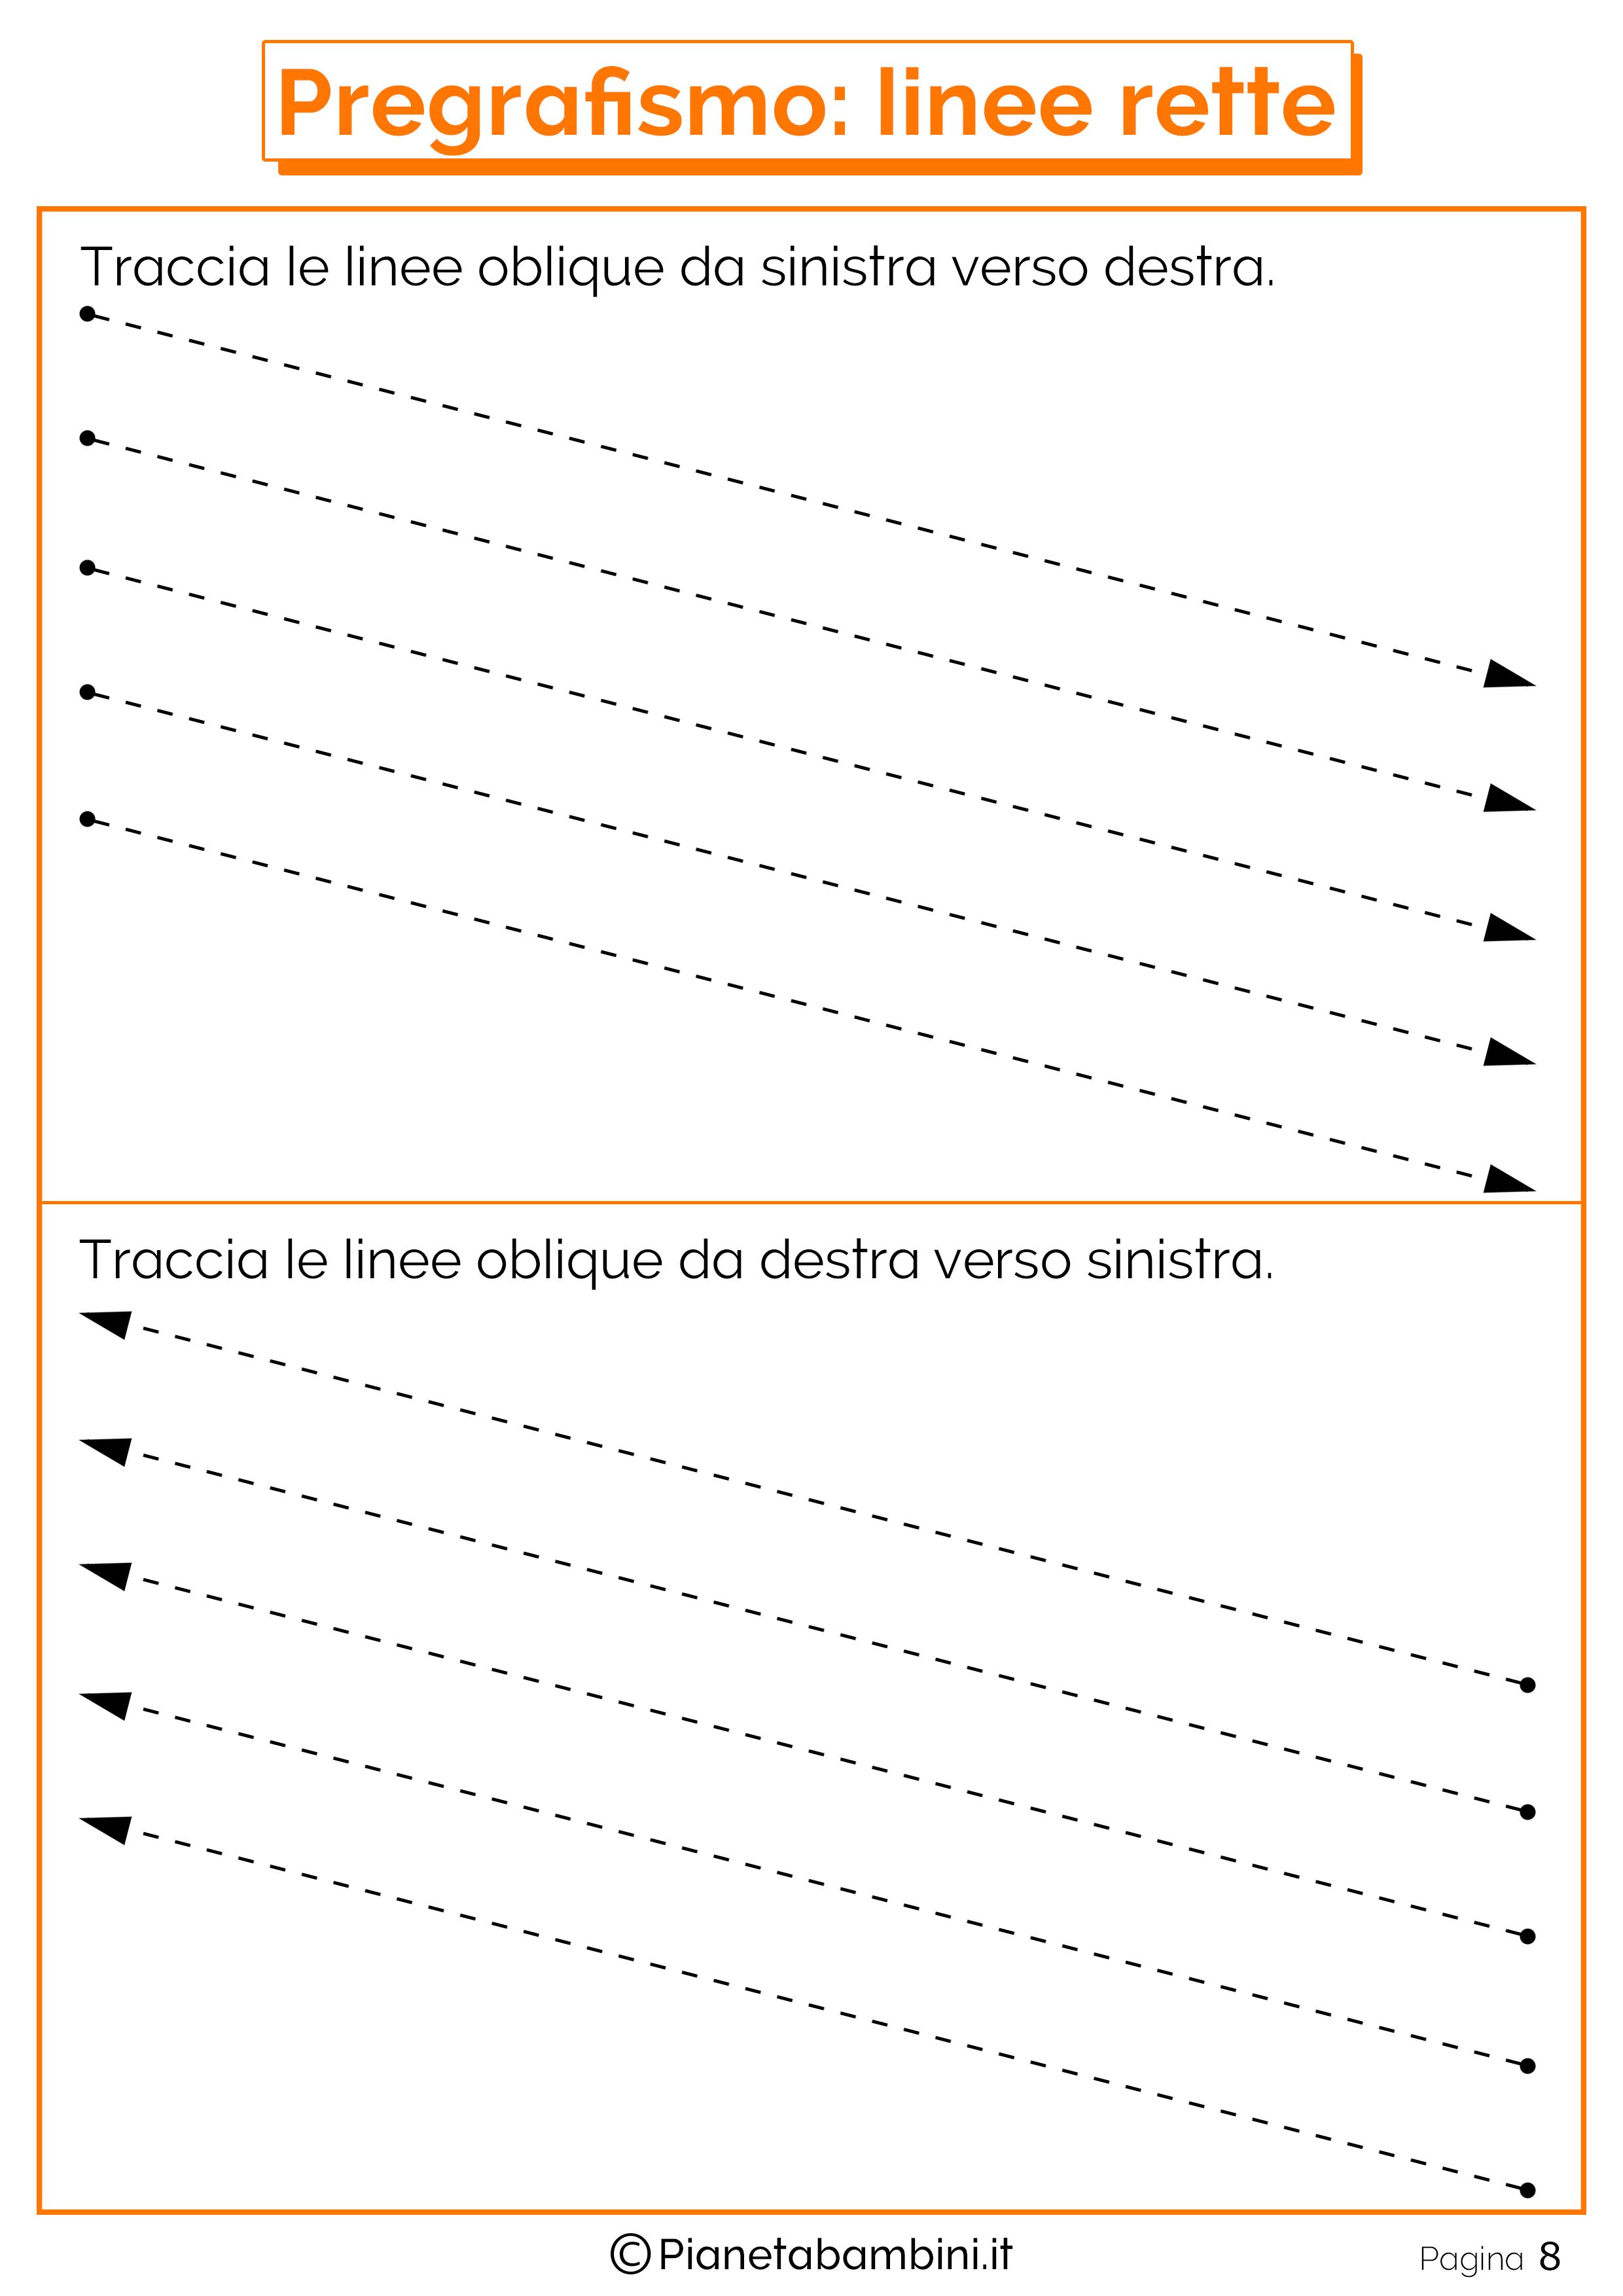 Pregrafismo-Linee-Rette_08